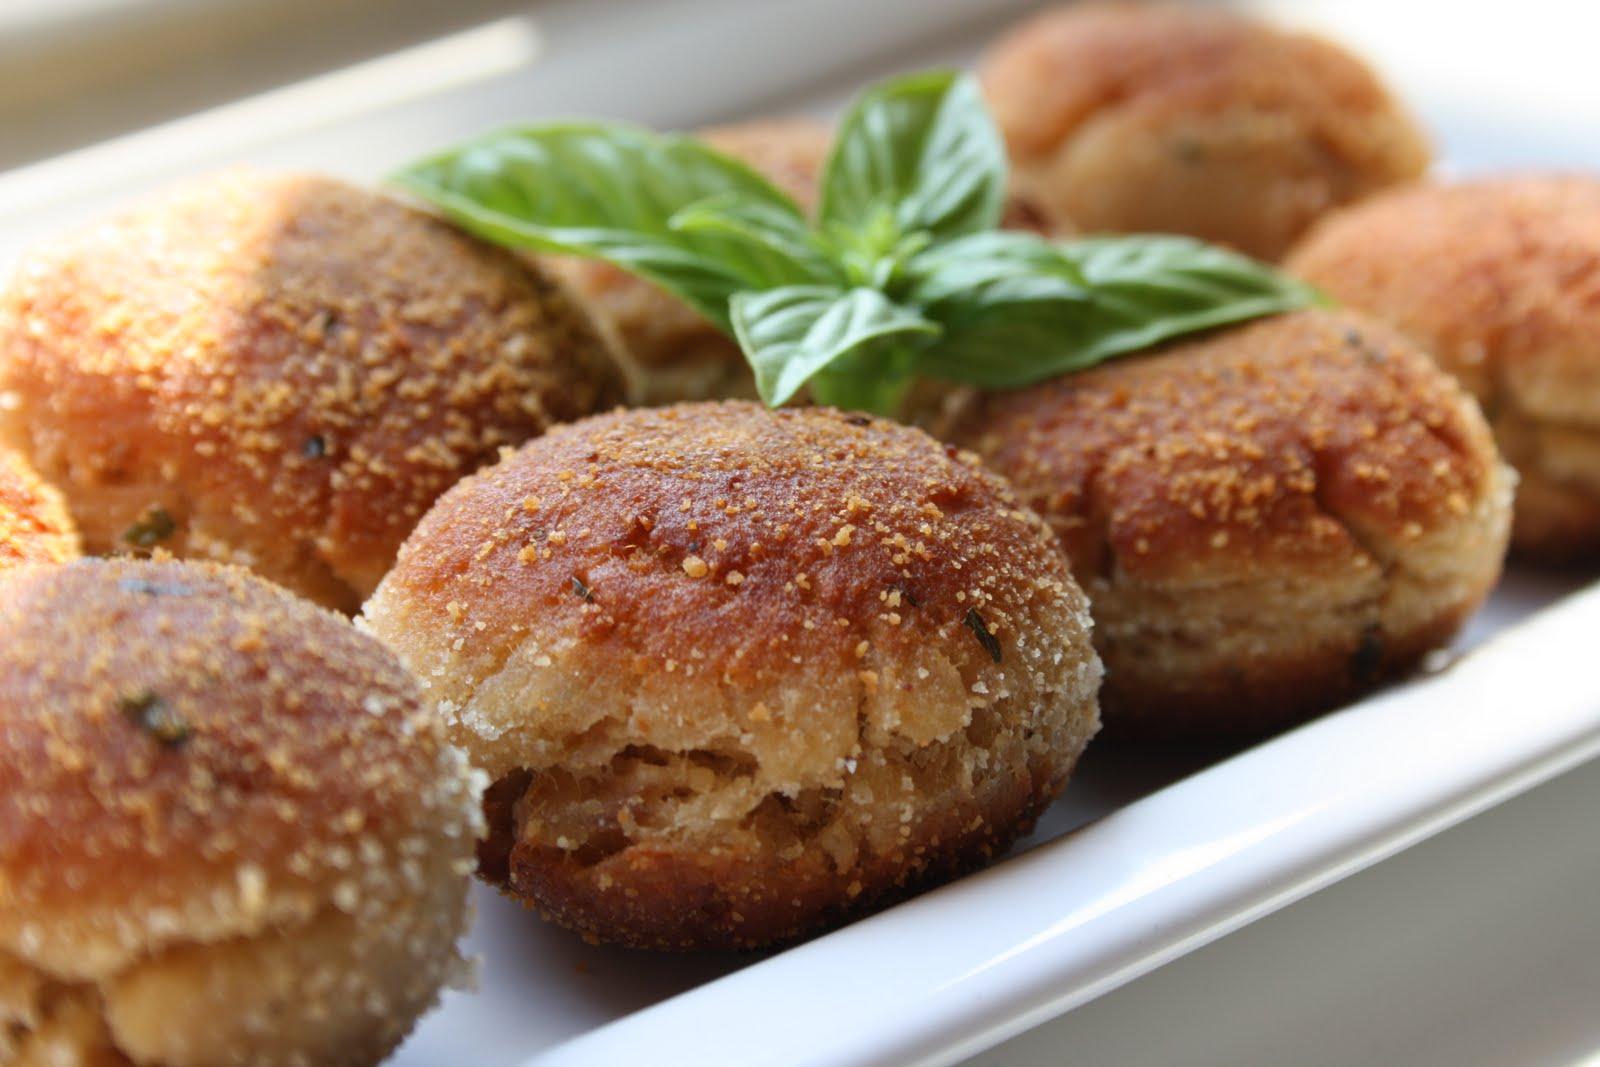 Polpette Tonno E Ricotta Blog Di Cucina Facile E Piatti Semplici #774120 1600 1067 Ricette Di Cucina Disegni